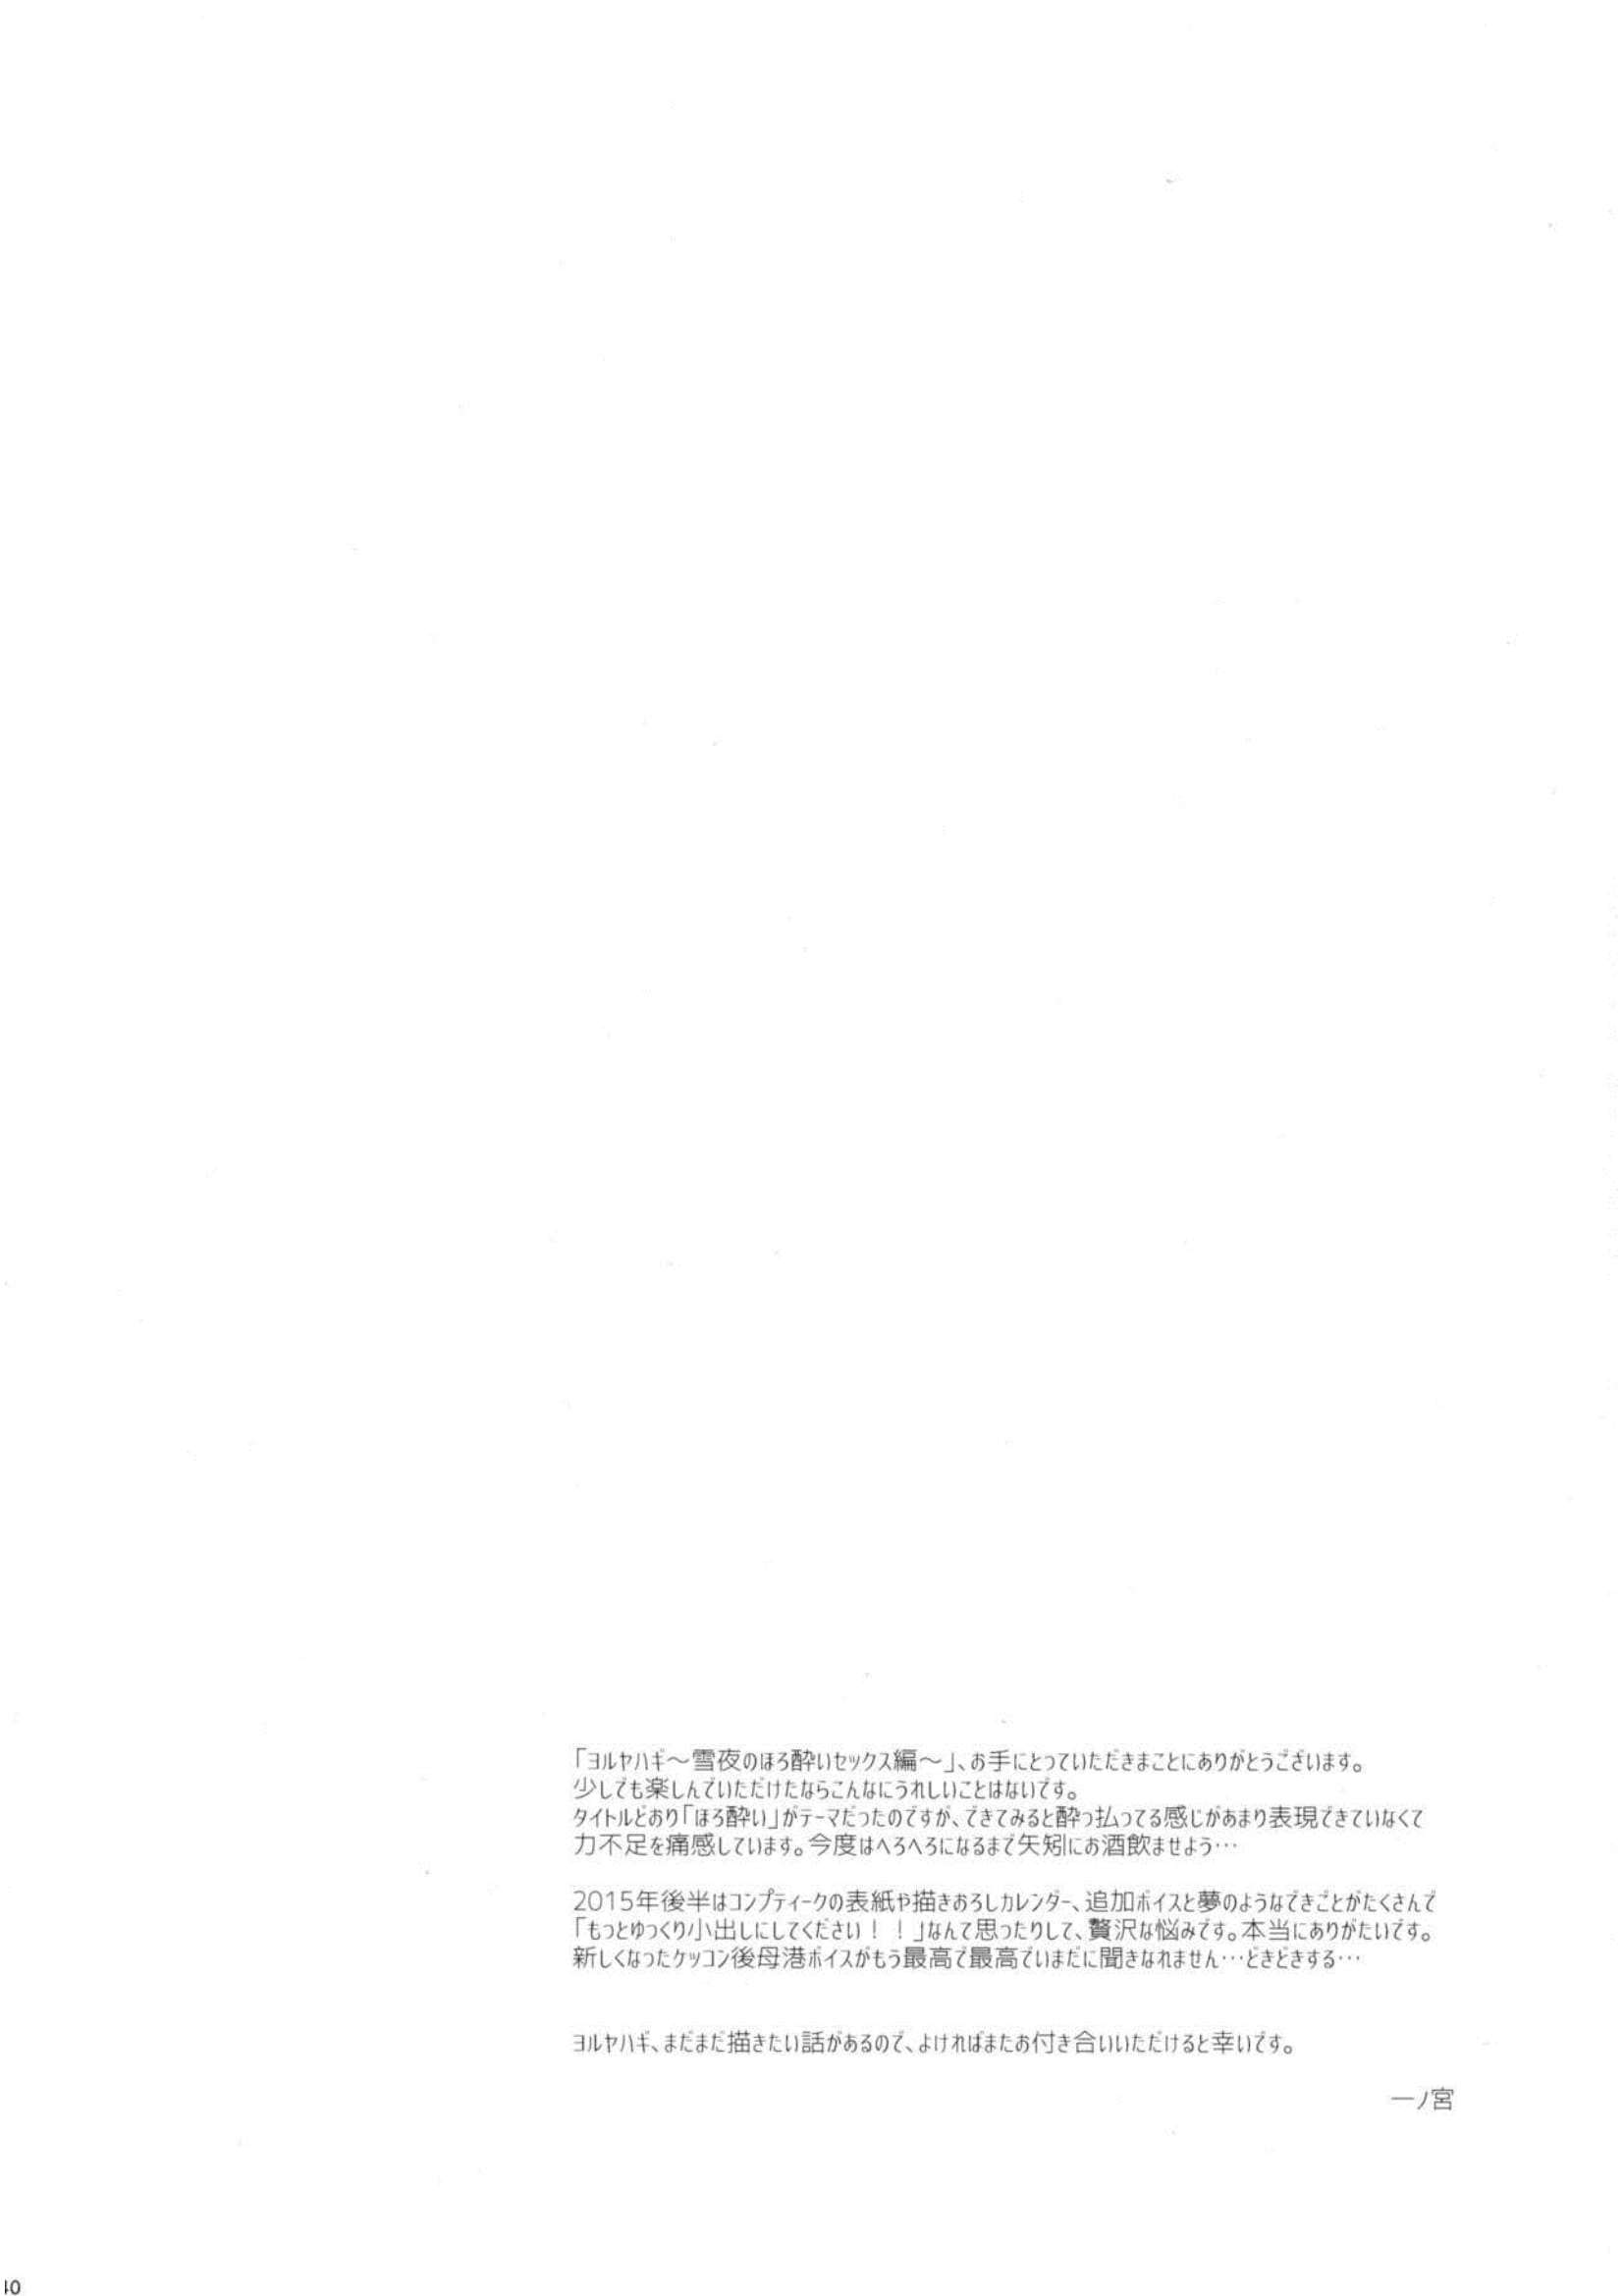 pagina_39 Use o navegador Google Chrome para leitura. Tudo mais RÁPIDO!!!!